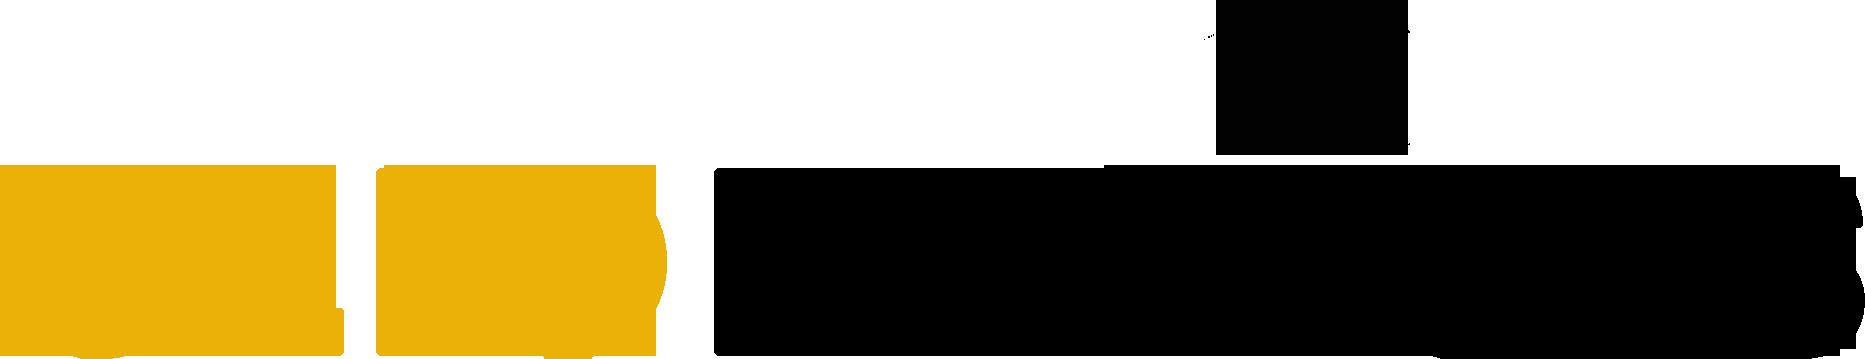 Olio Devices Logo